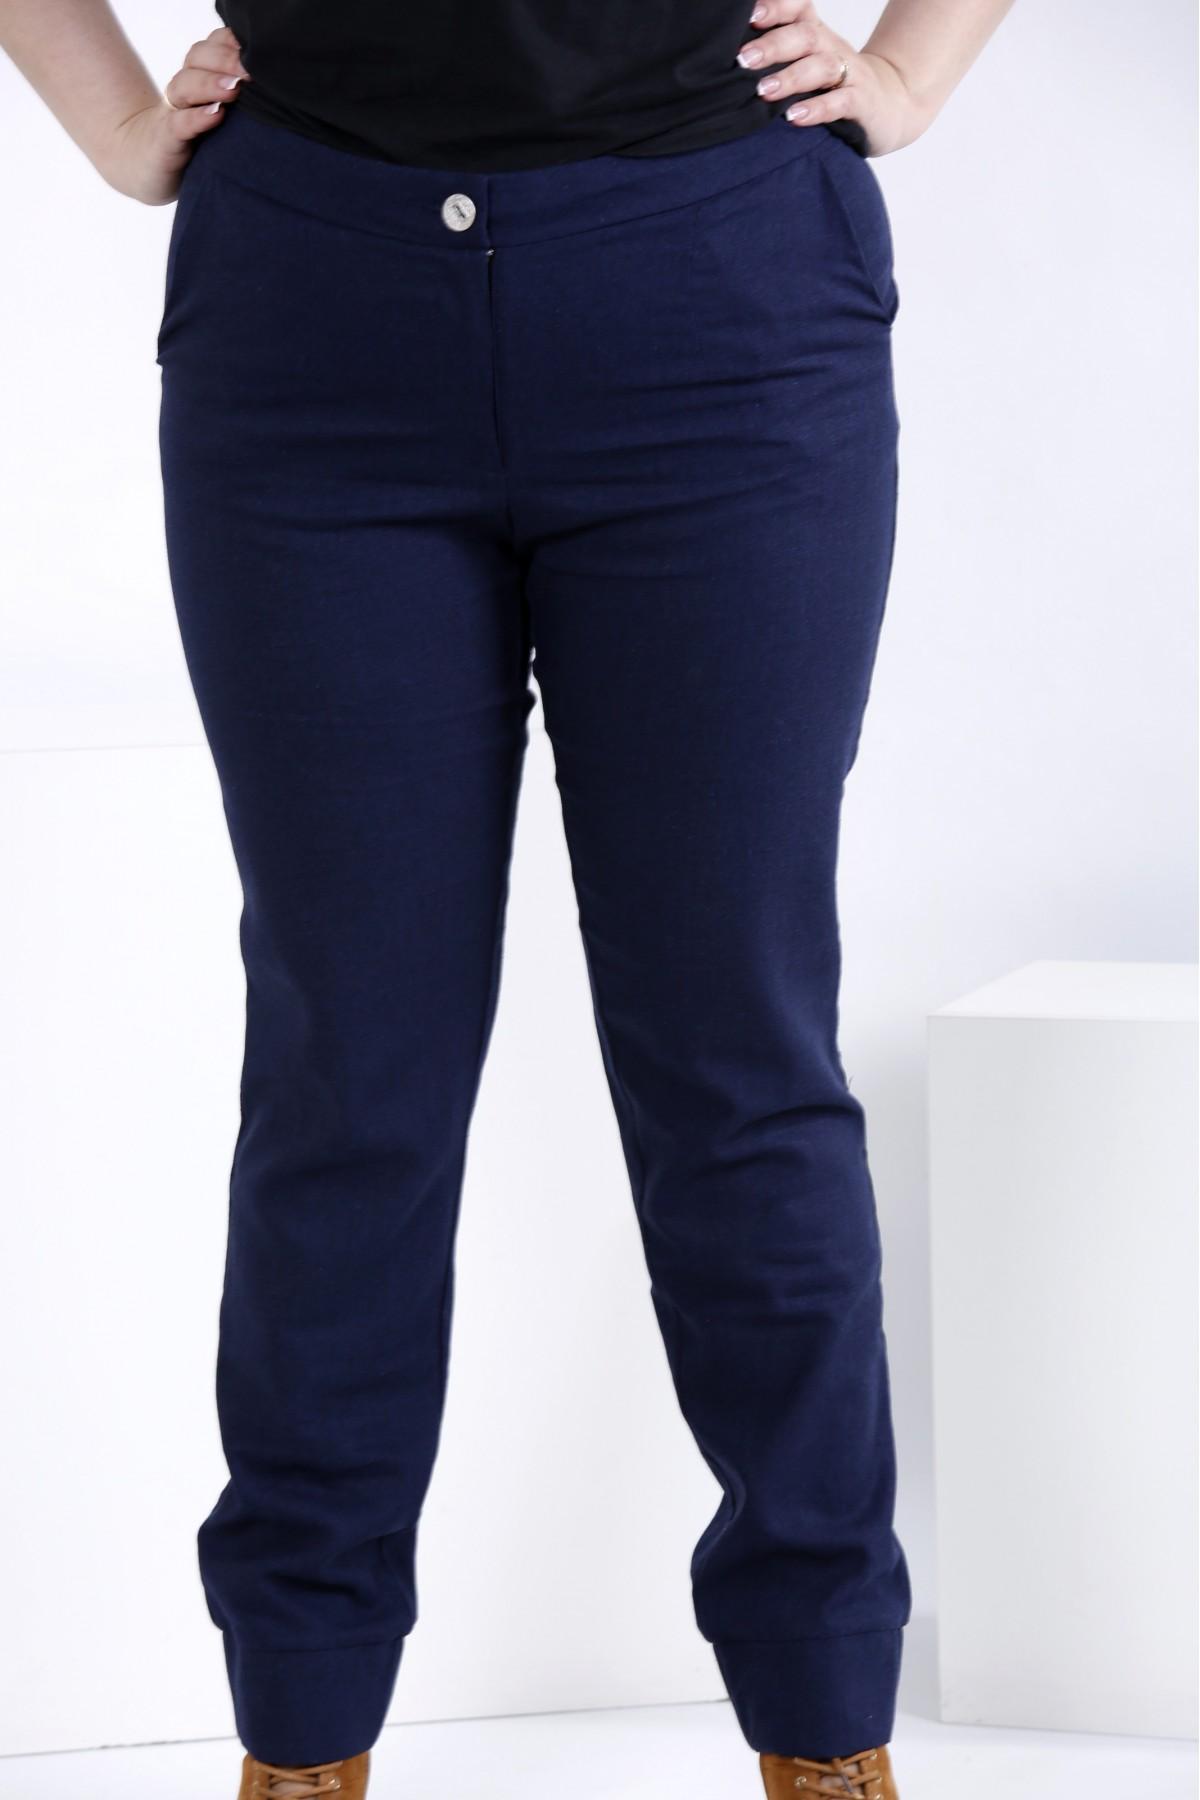 Купити Лляні штани синього кольору (знімна накидка)  a4f7c066ee050